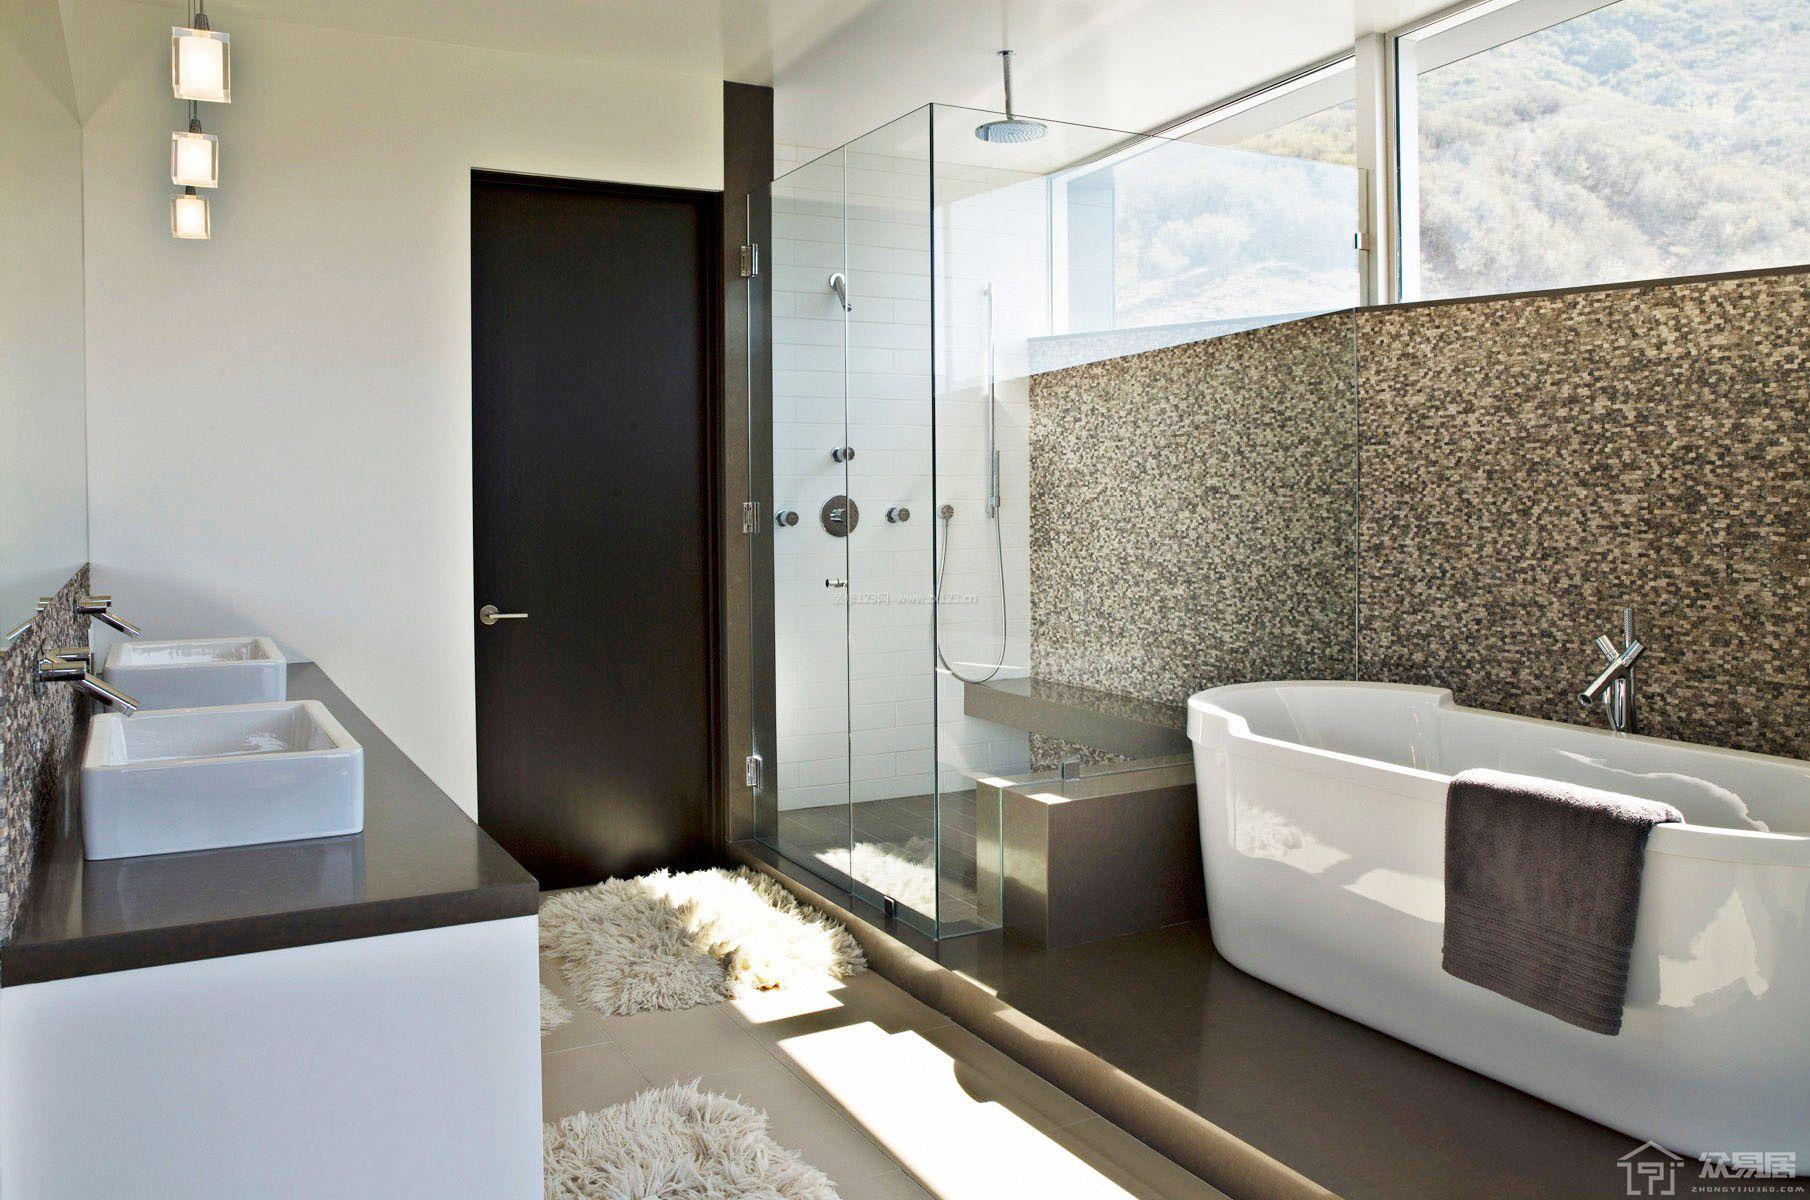 卫生间装修注意事项 卫生间装修常见问题